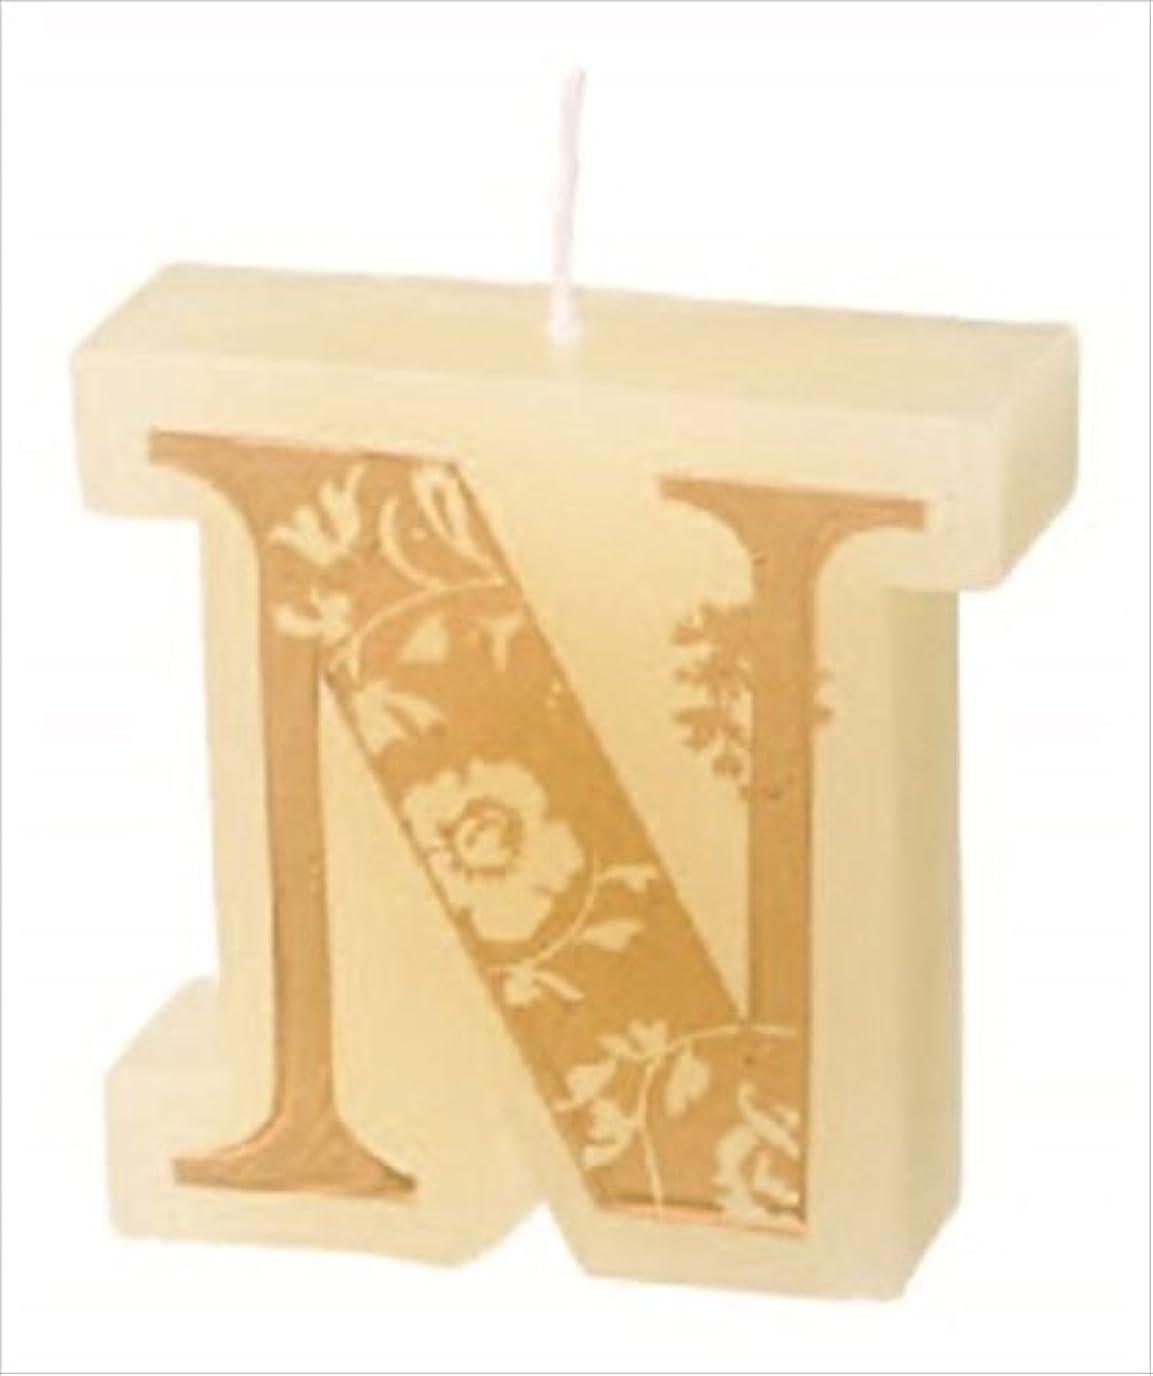 ソファー公爵夫人先駆者カメヤマキャンドル(kameyama candle) イニシャルキャンドルミニ 「 N 」